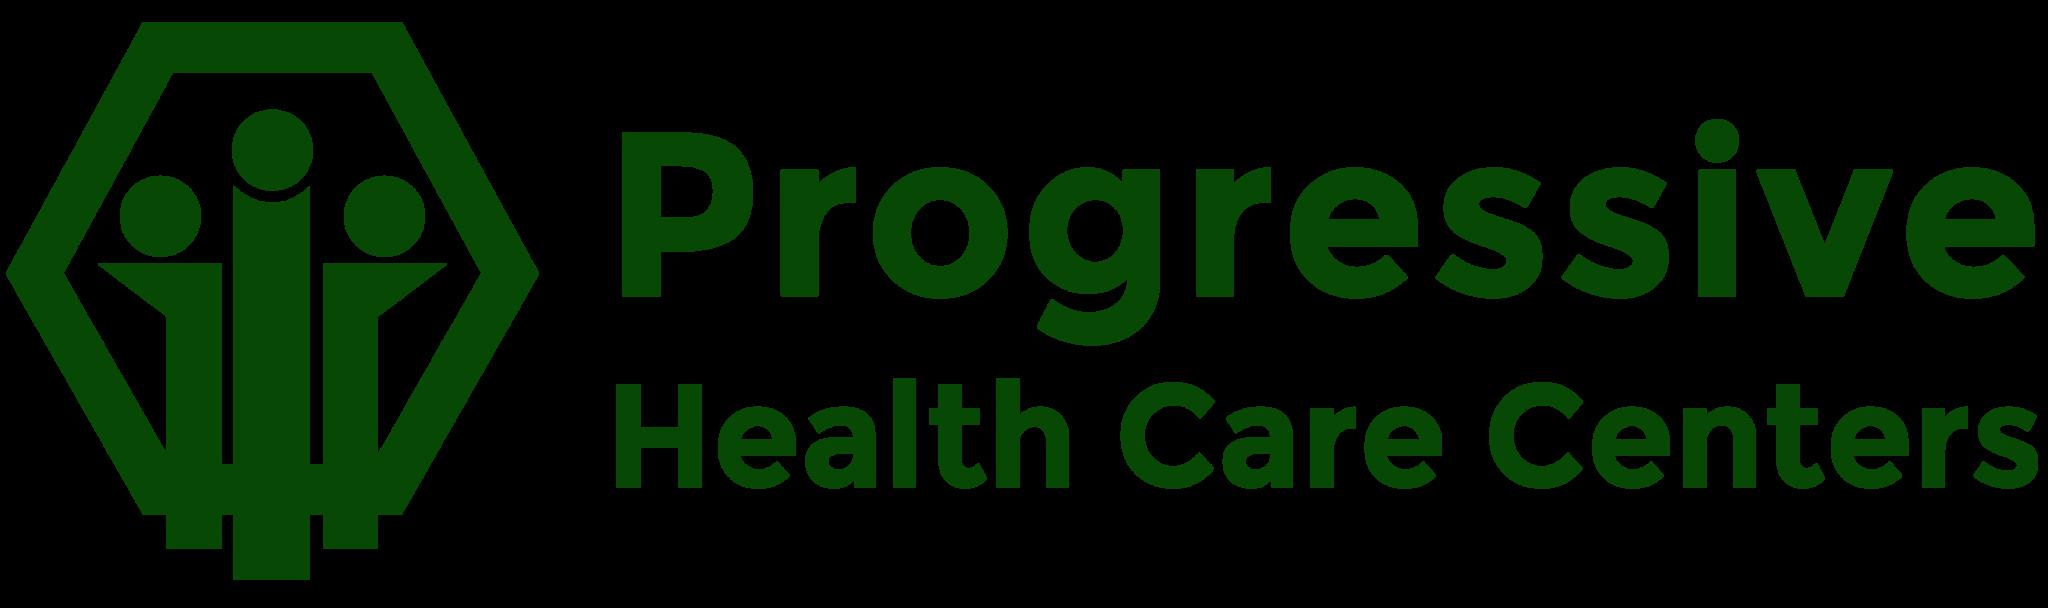 Progressive Care Centers